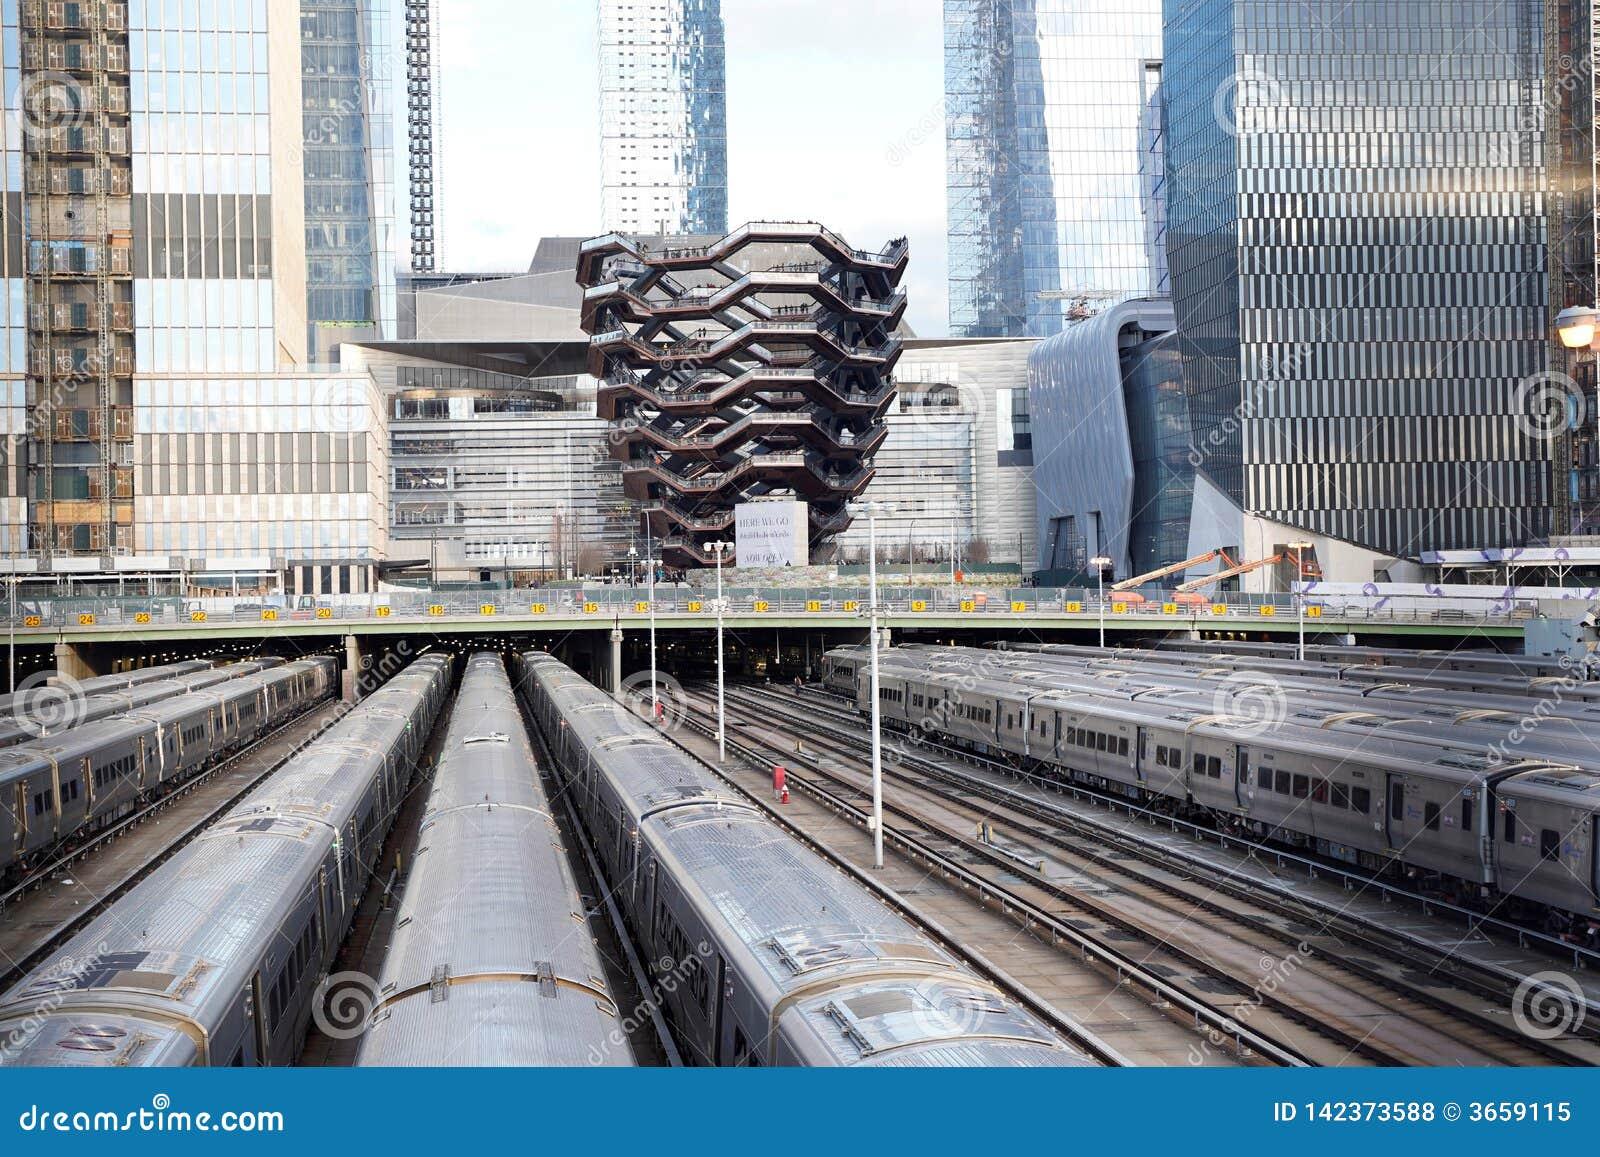 船TKA,一部螺旋形楼梯,与铁路和火车在前面,后边skycrappers,哈德森围场,曼哈顿的西边,NY